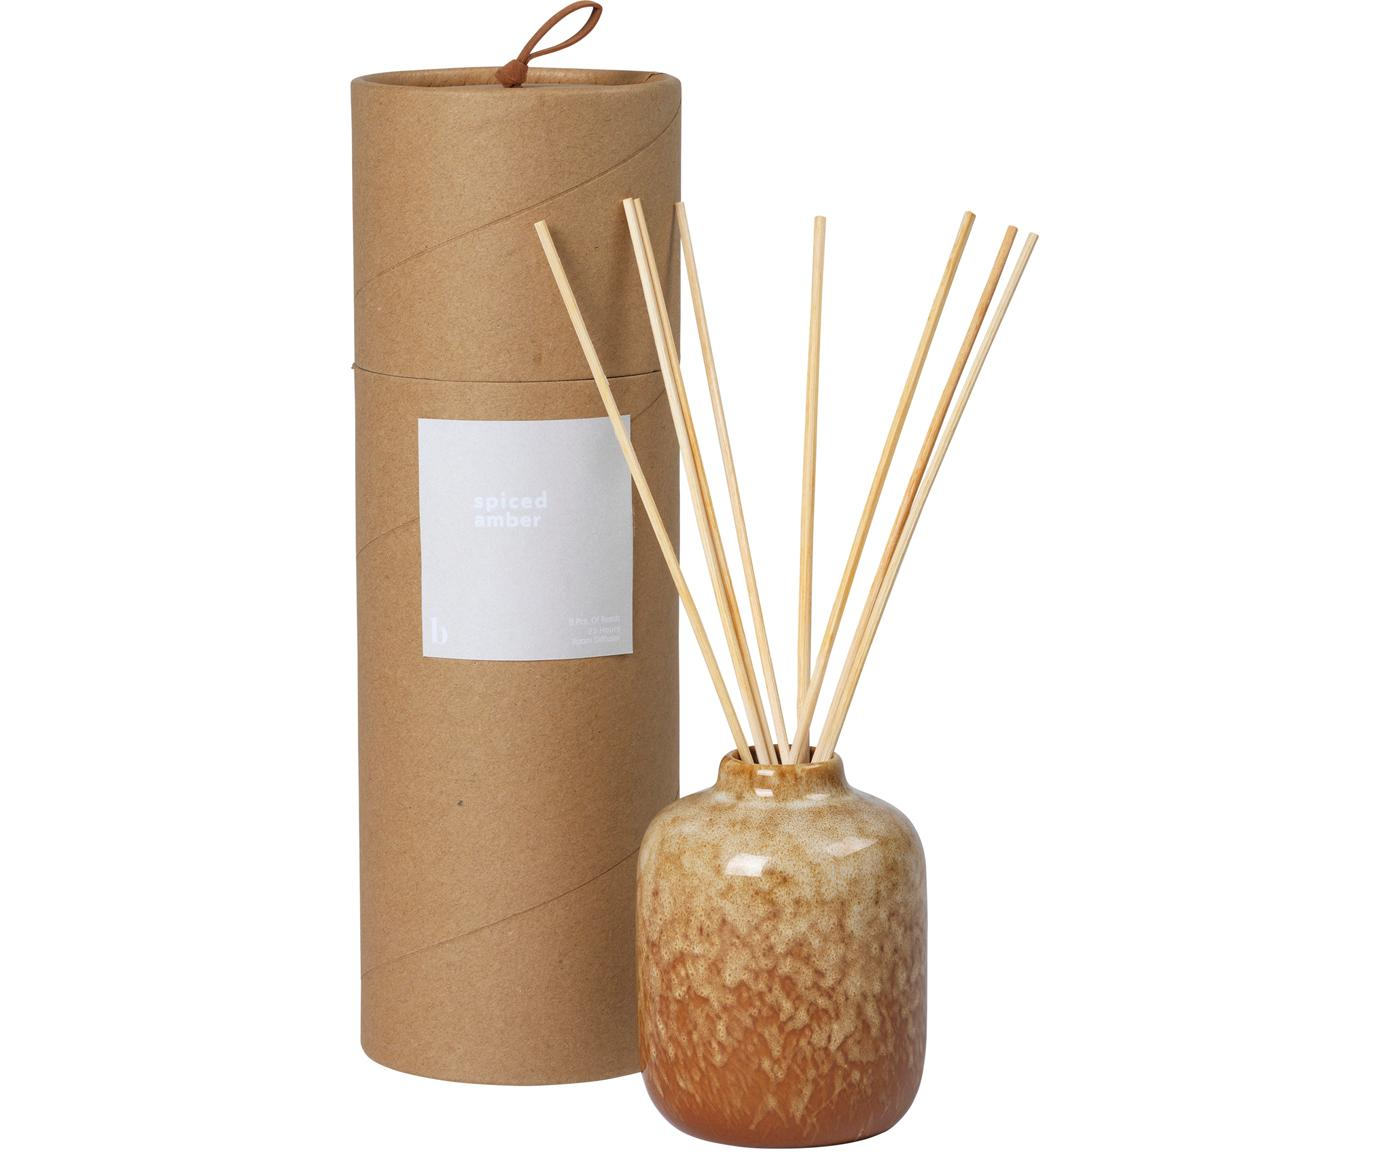 Ambientador Spiced Amber, Recipiente: cerámica, Marrón, Ø 7 x Al 9 cm